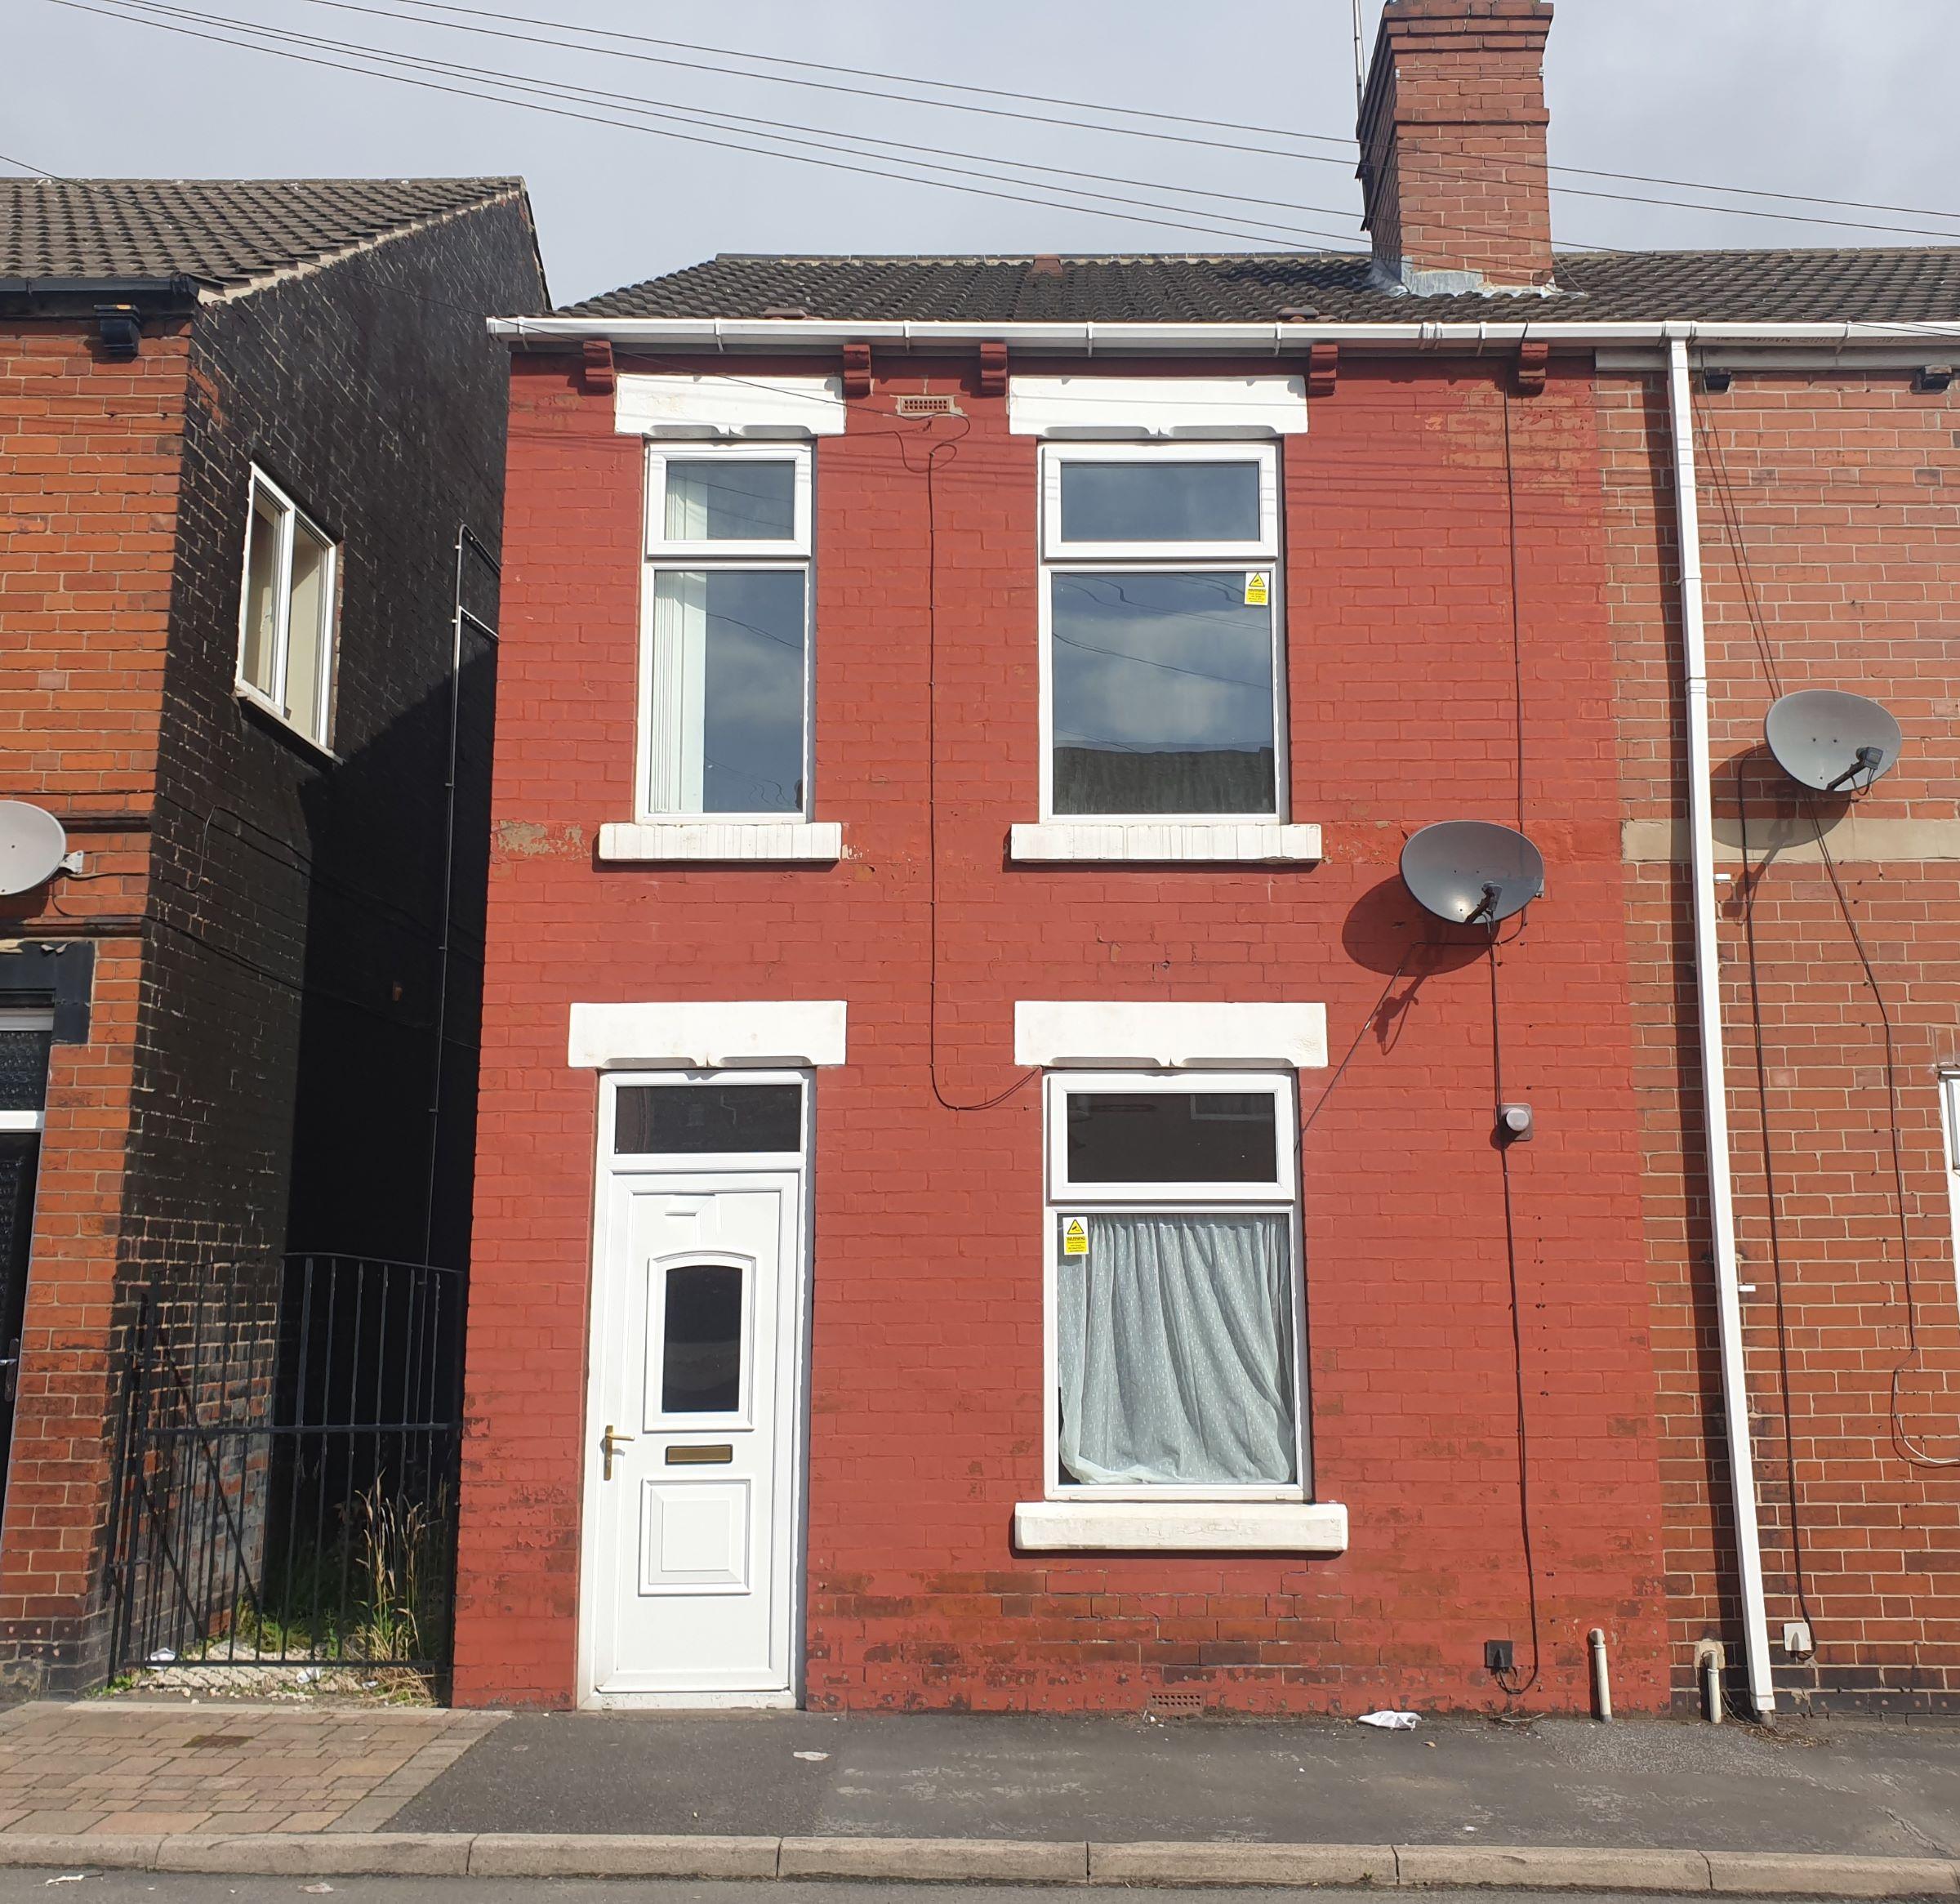 Victoria Street, Hemsworth, Pontefract